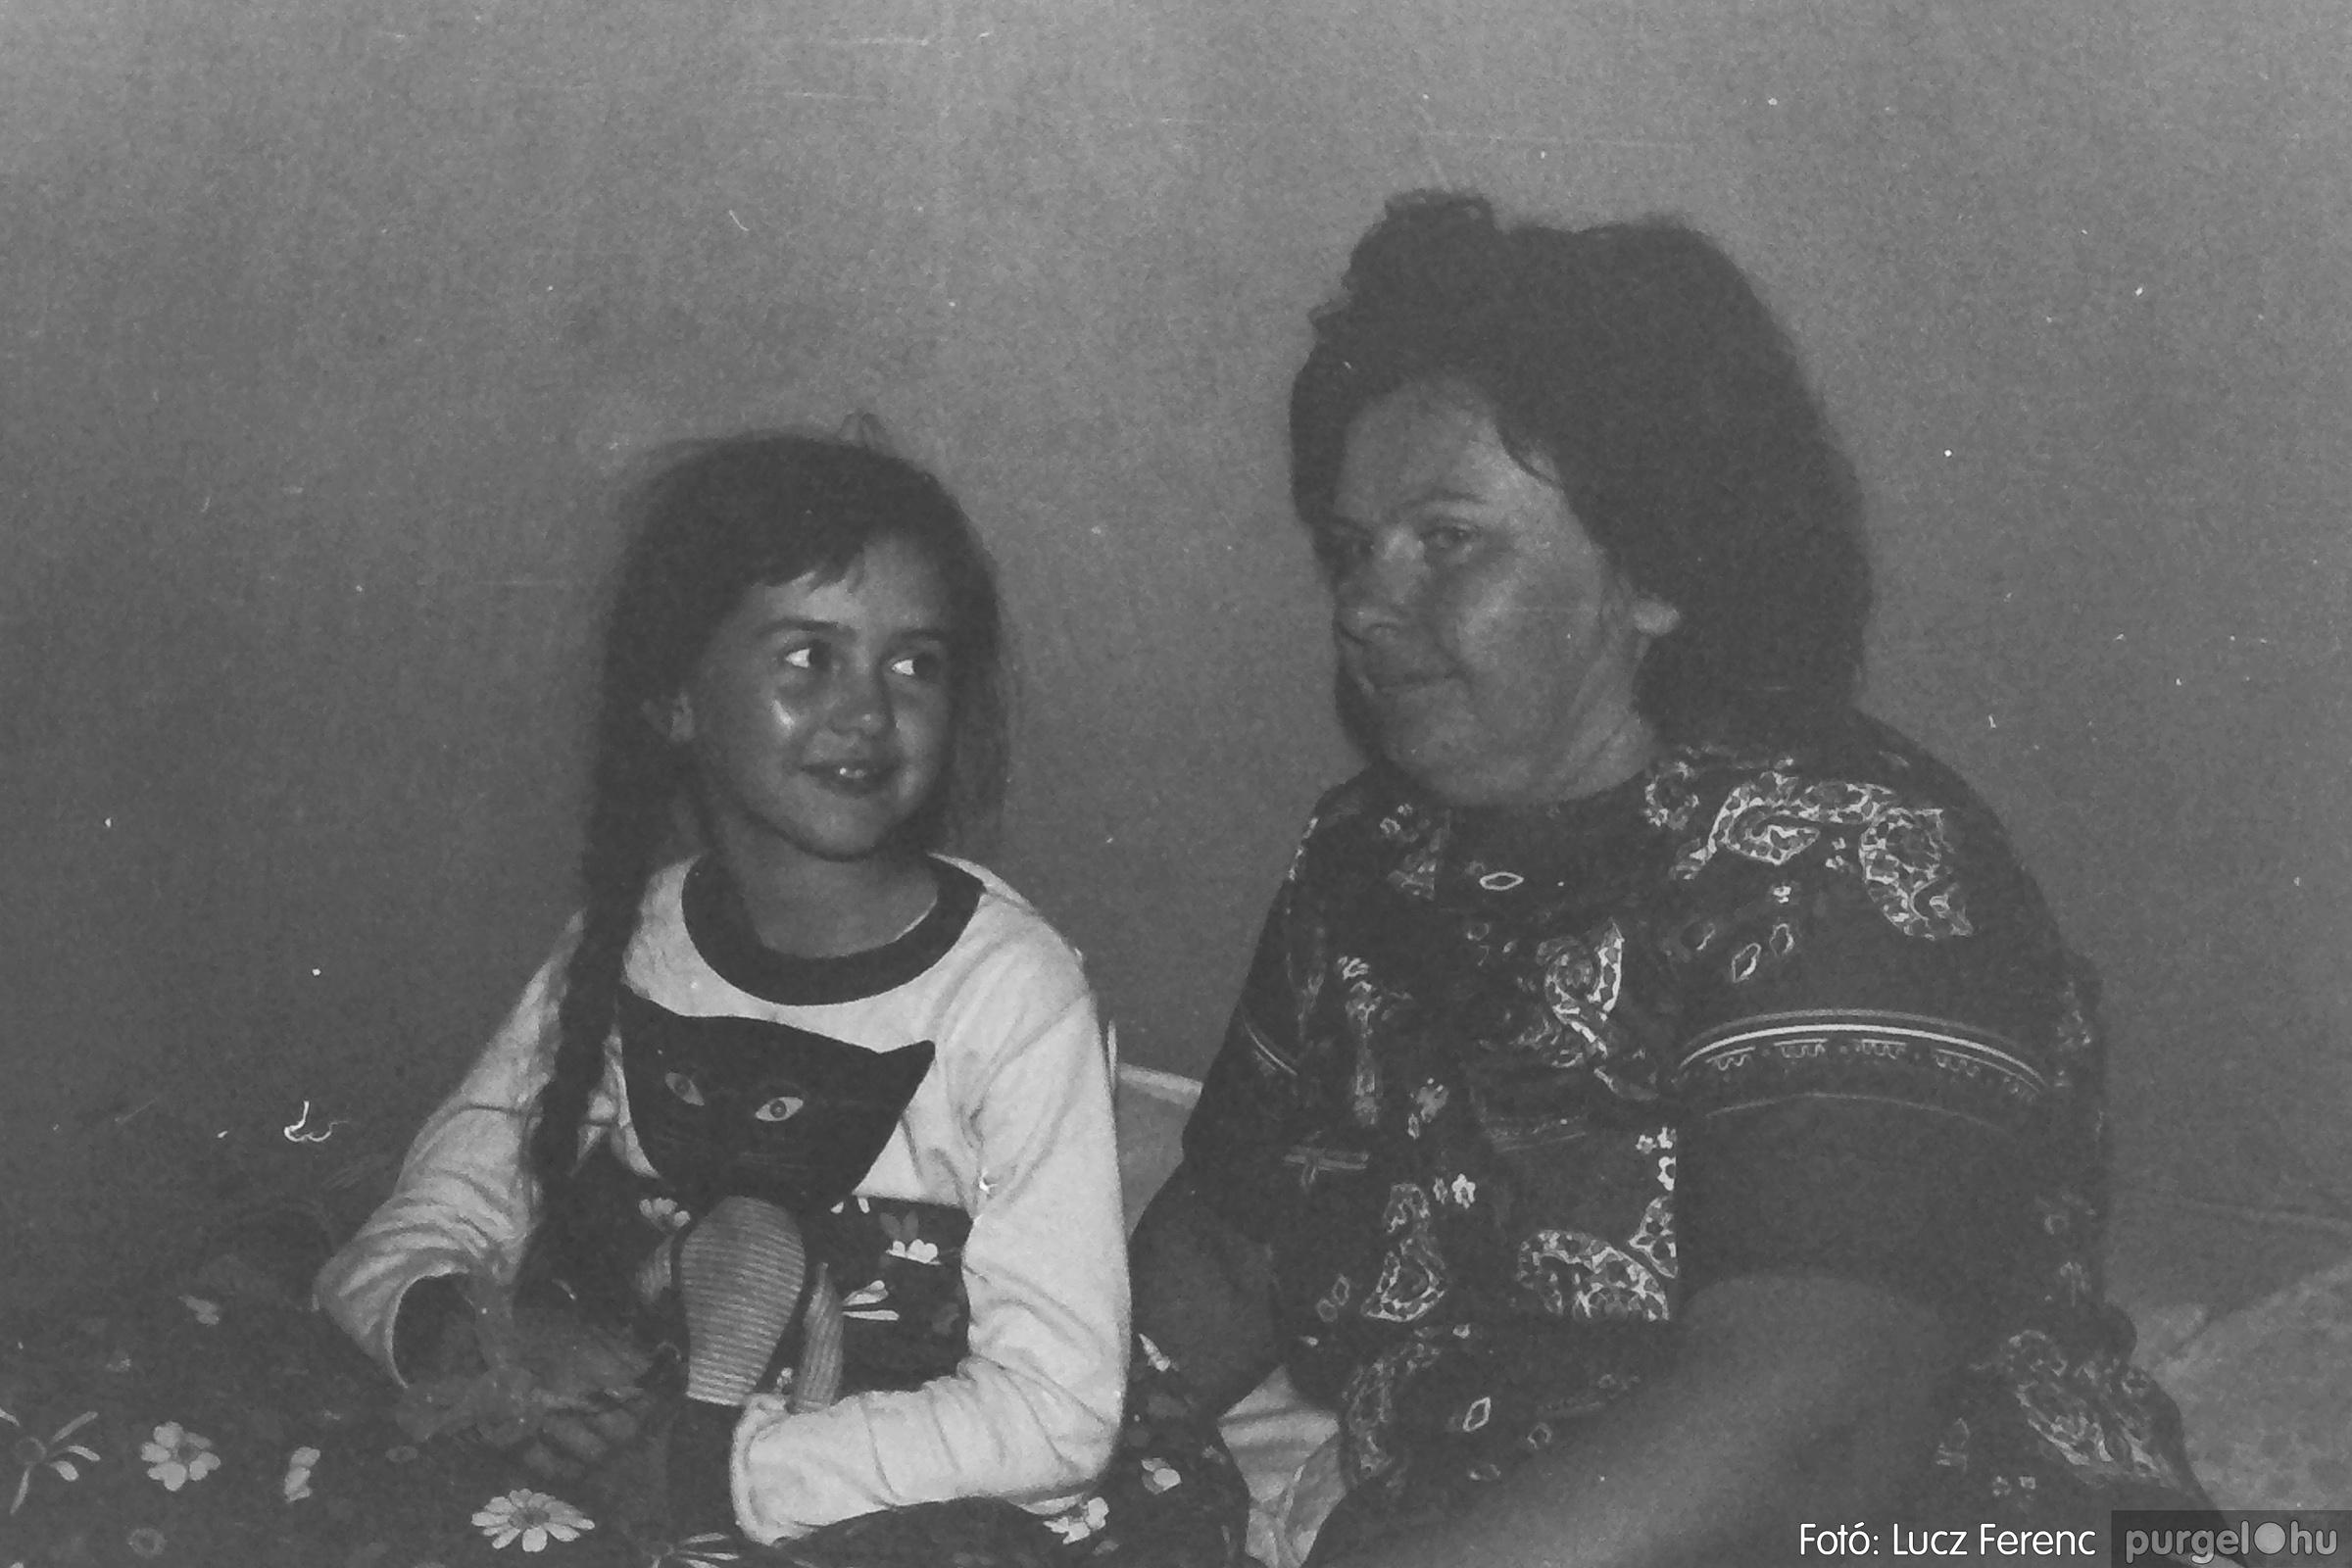 086, 088. 1977. Nyári tábor a Mátrában 062. - Fotó: Lucz Ferenc.jpg